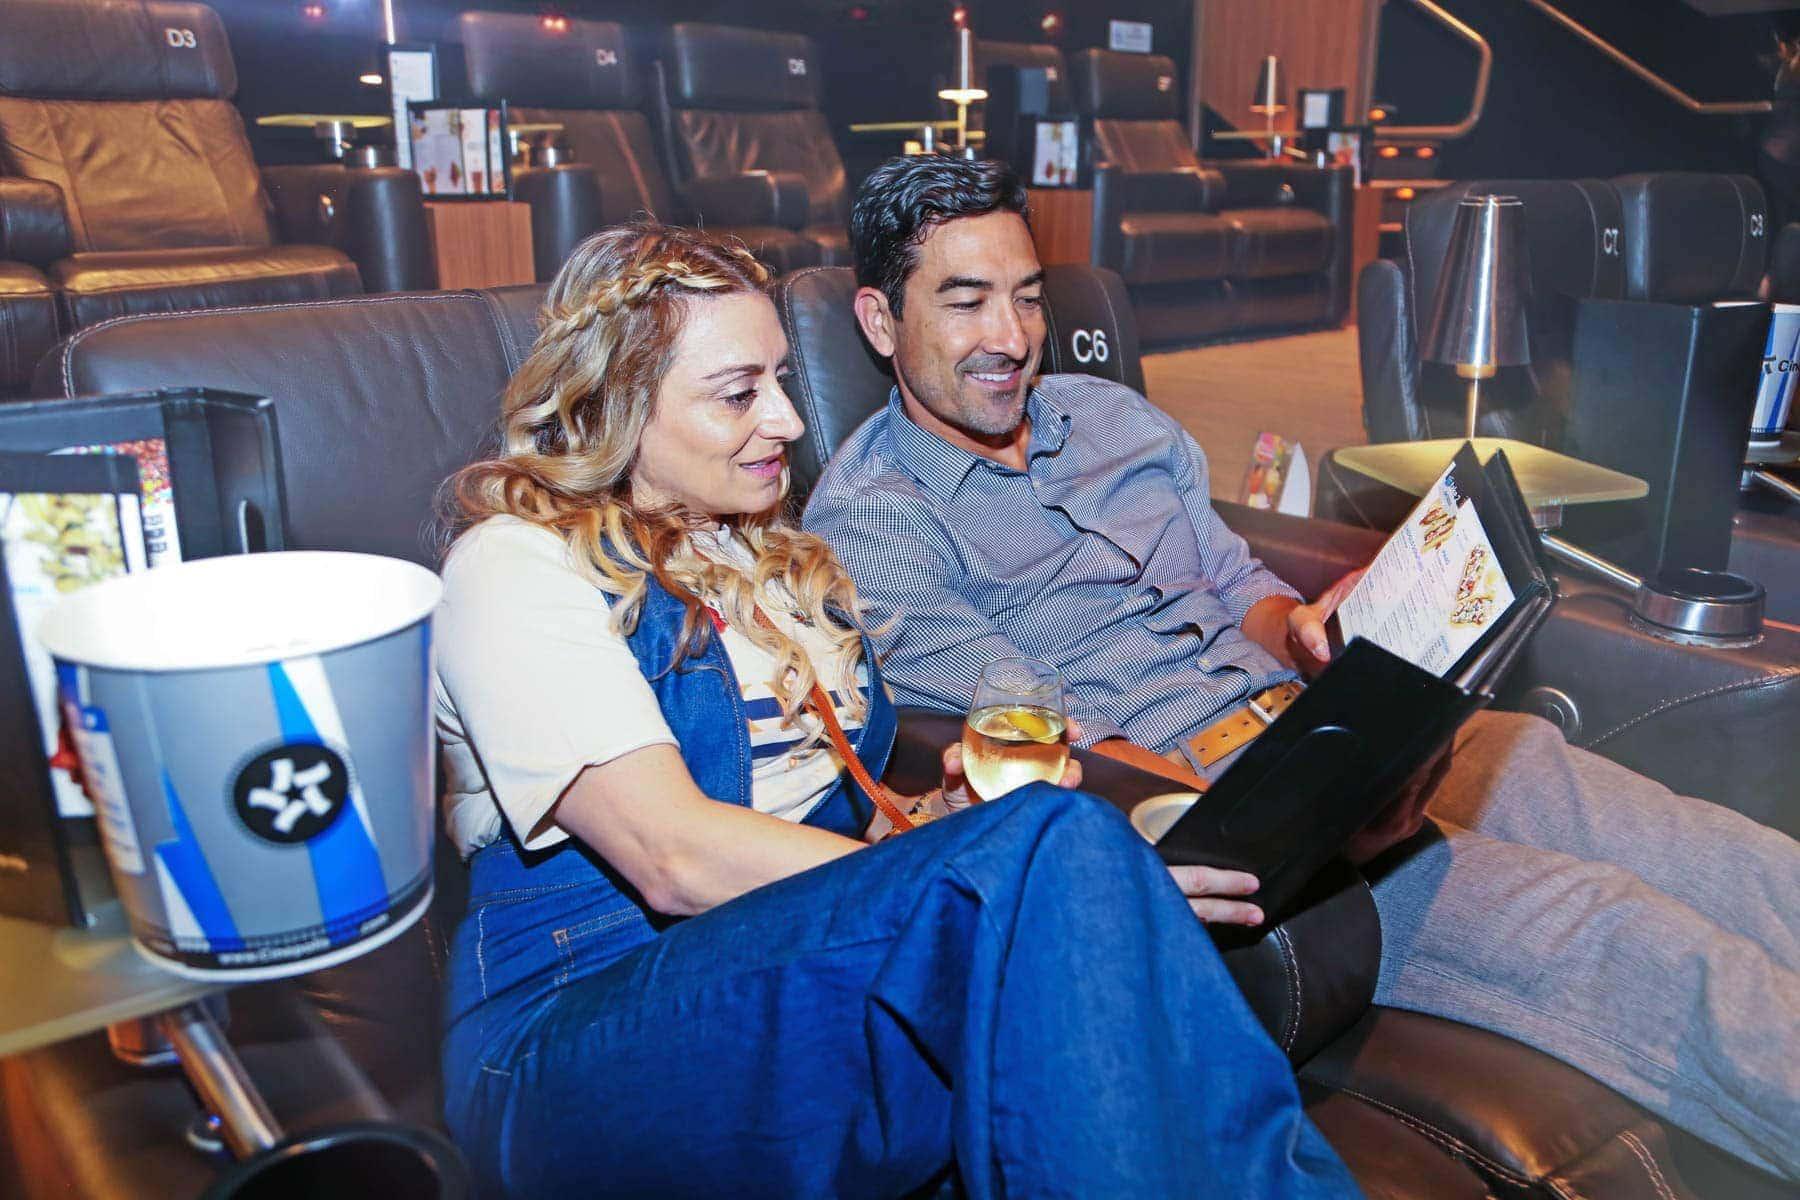 Couple Looking at Menu inside the Cinema #movienight #cinepolis #familybonding #familylove